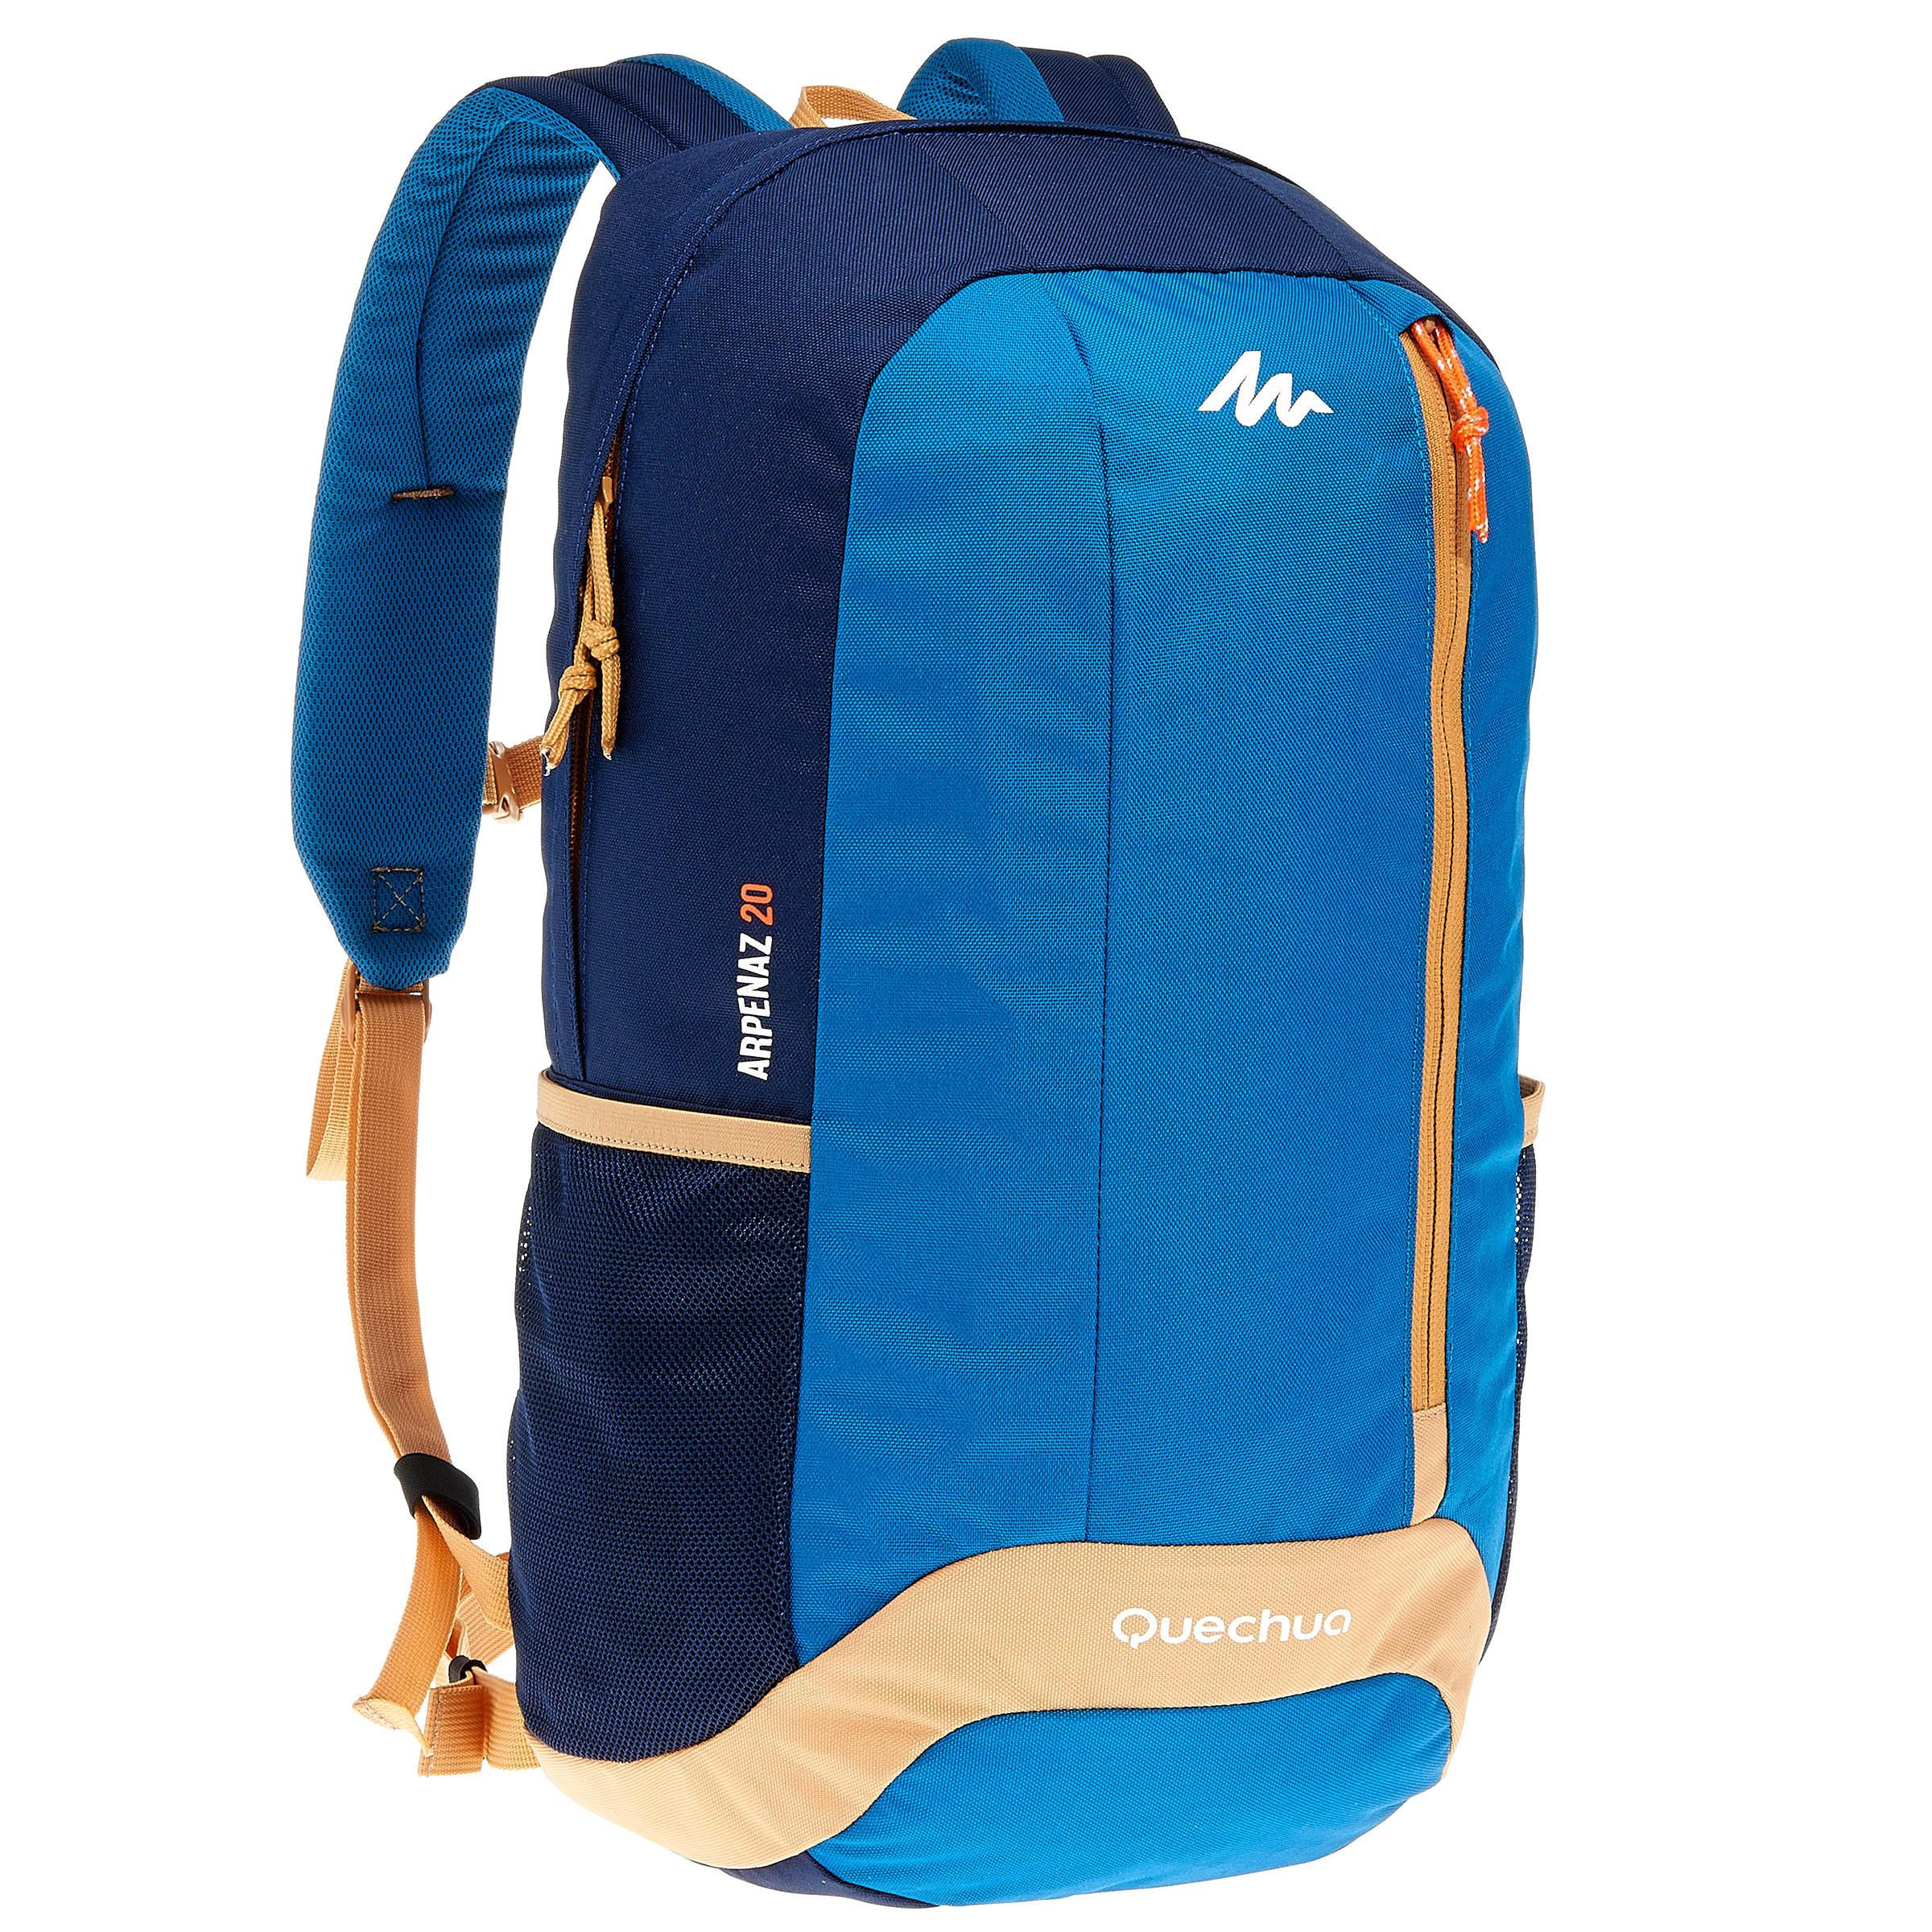 Mochila de campamento Arpenaz 20 l. azul: ideal para campamento de un día.